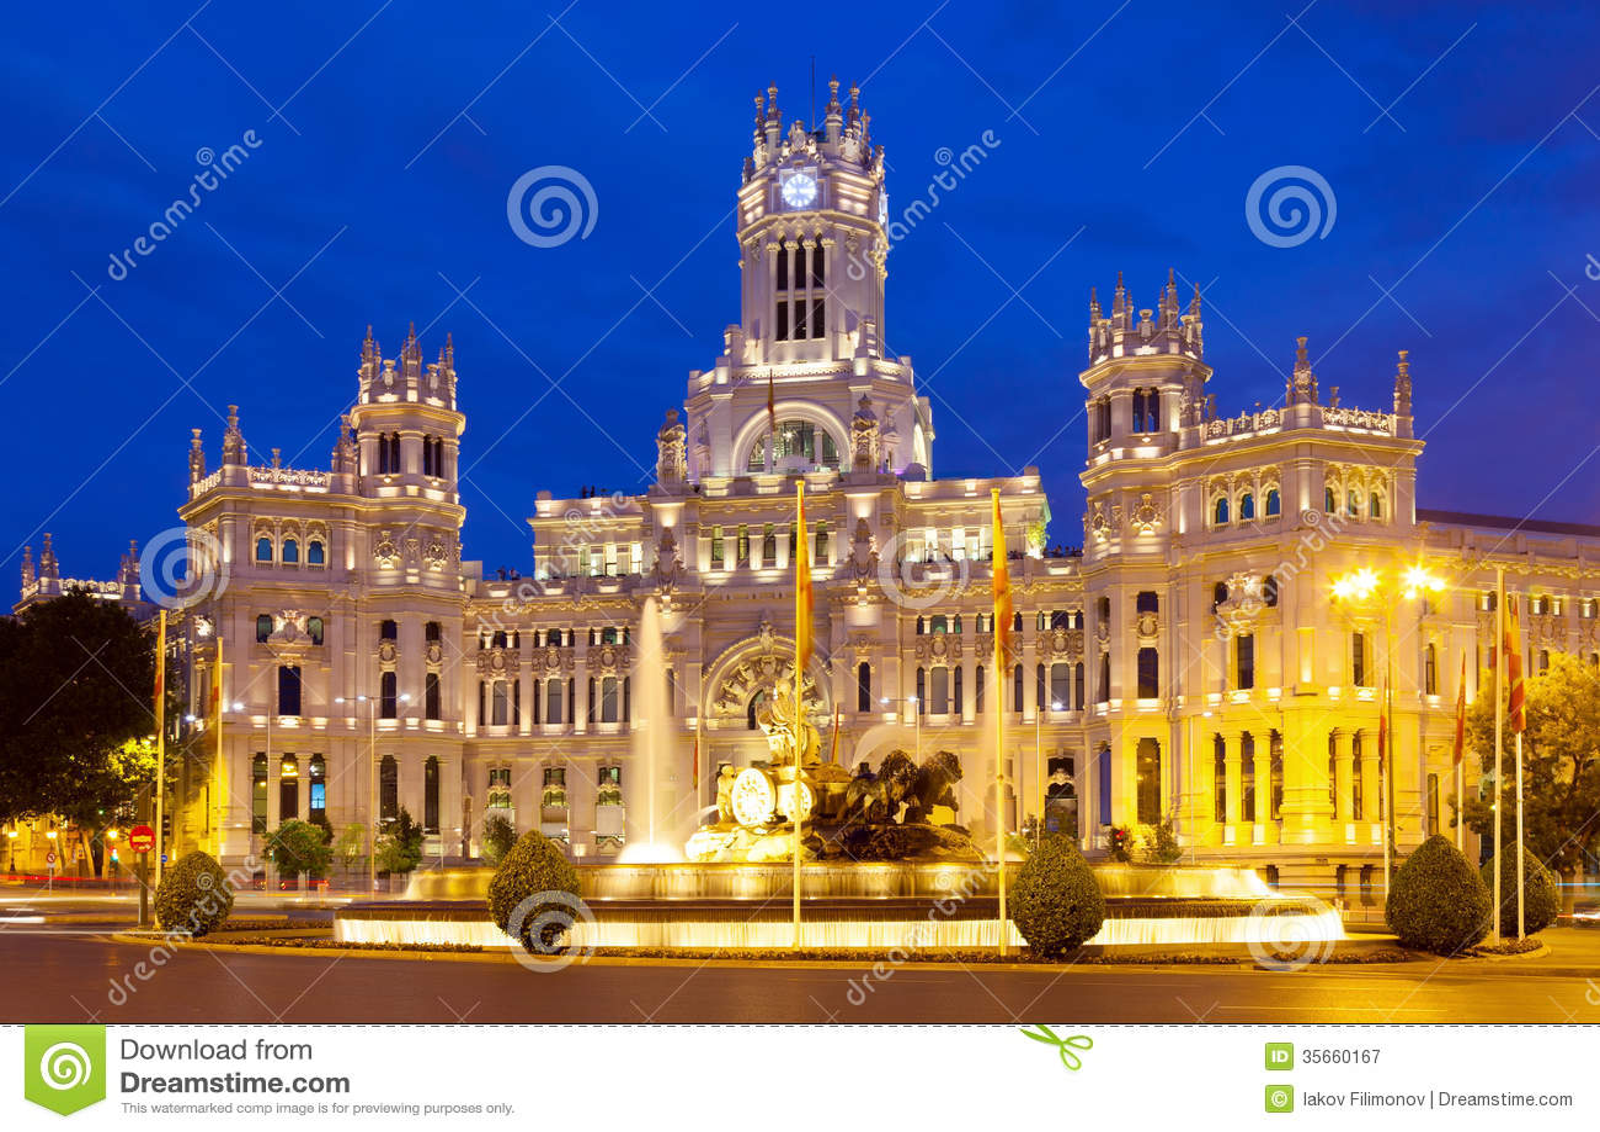 Palacio De Cibeles In Summer Night Madrid Stock Image